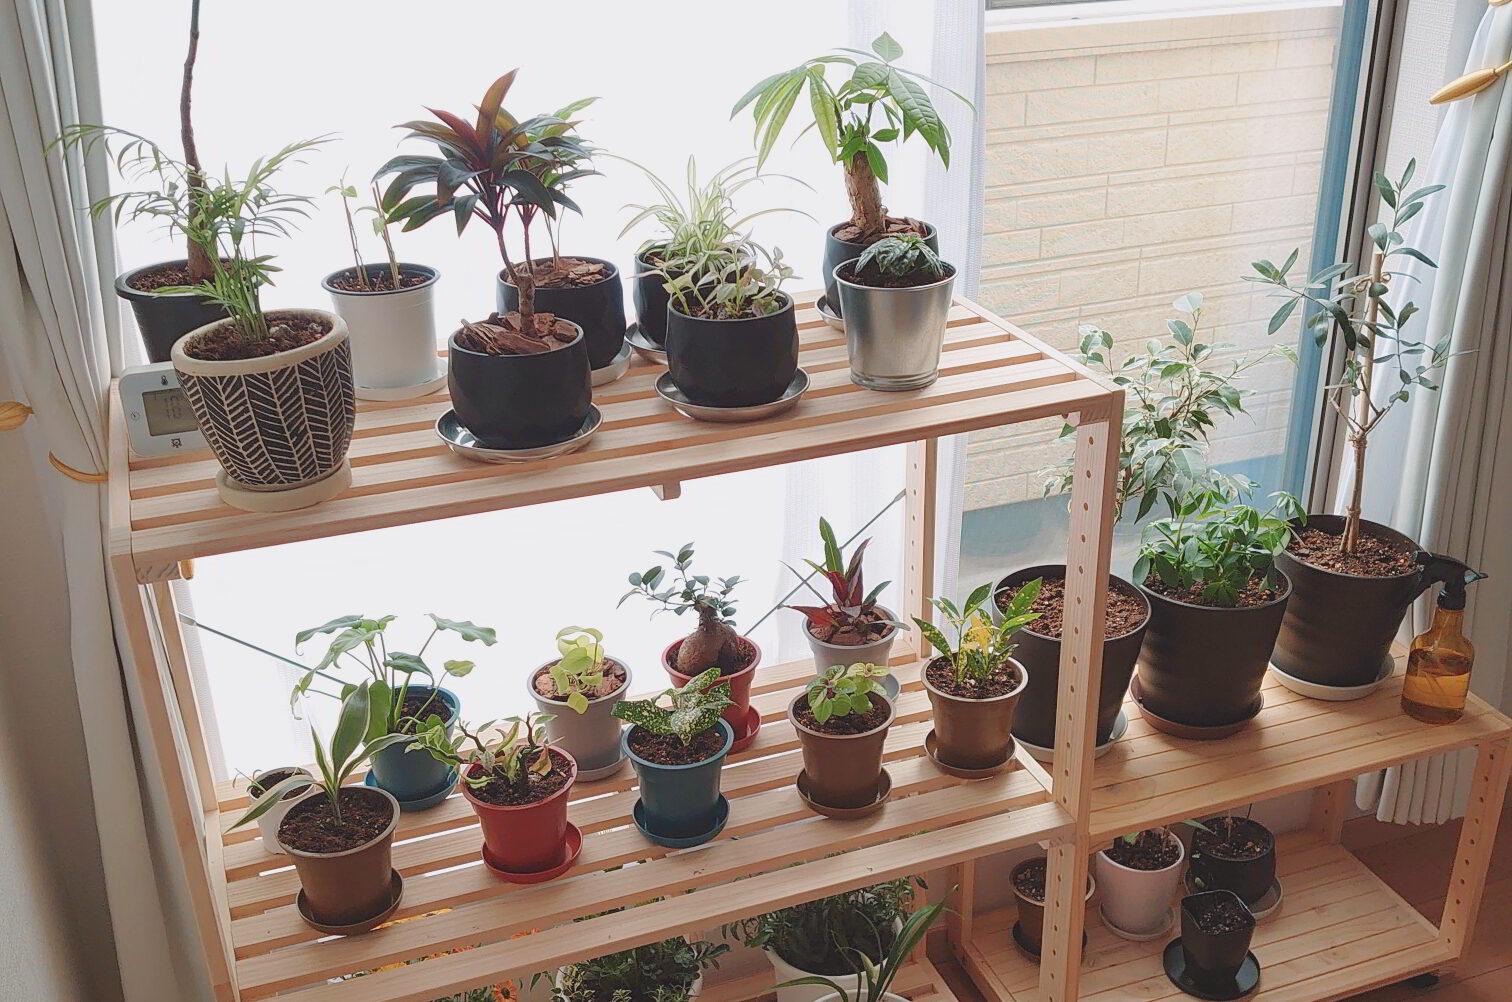 <何鉢持ってる?>観葉植物が半年も経たずに30鉢以上に増えていく様子がこちら